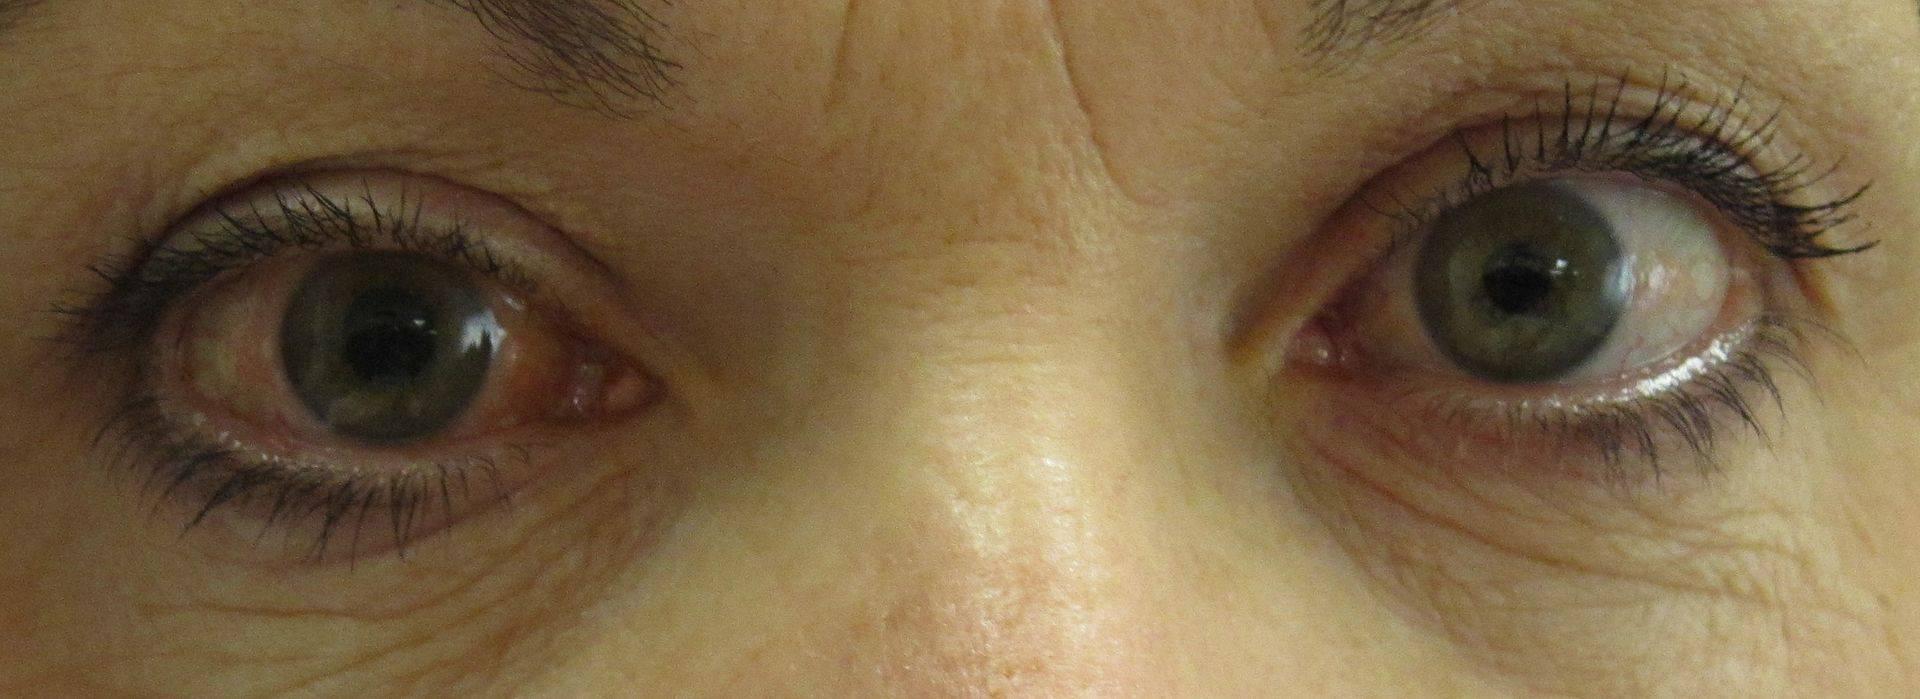 Глаукома - что это такое? описание заболевания, причины, симптомы, диагностика и лечение